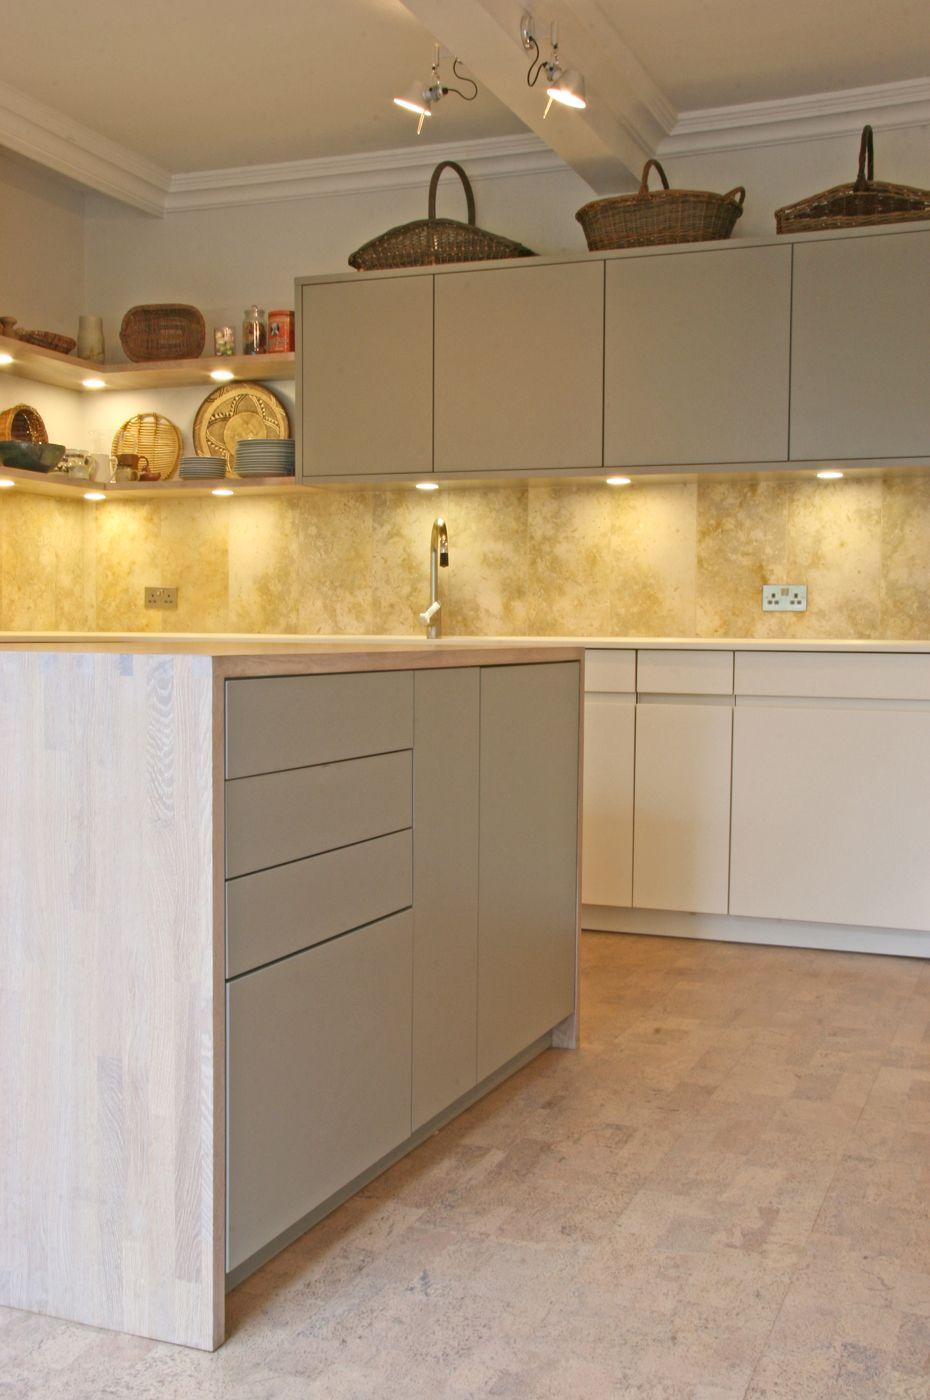 best options for kitchen flooring cork flooring kitchen Kitchen Cork flooring